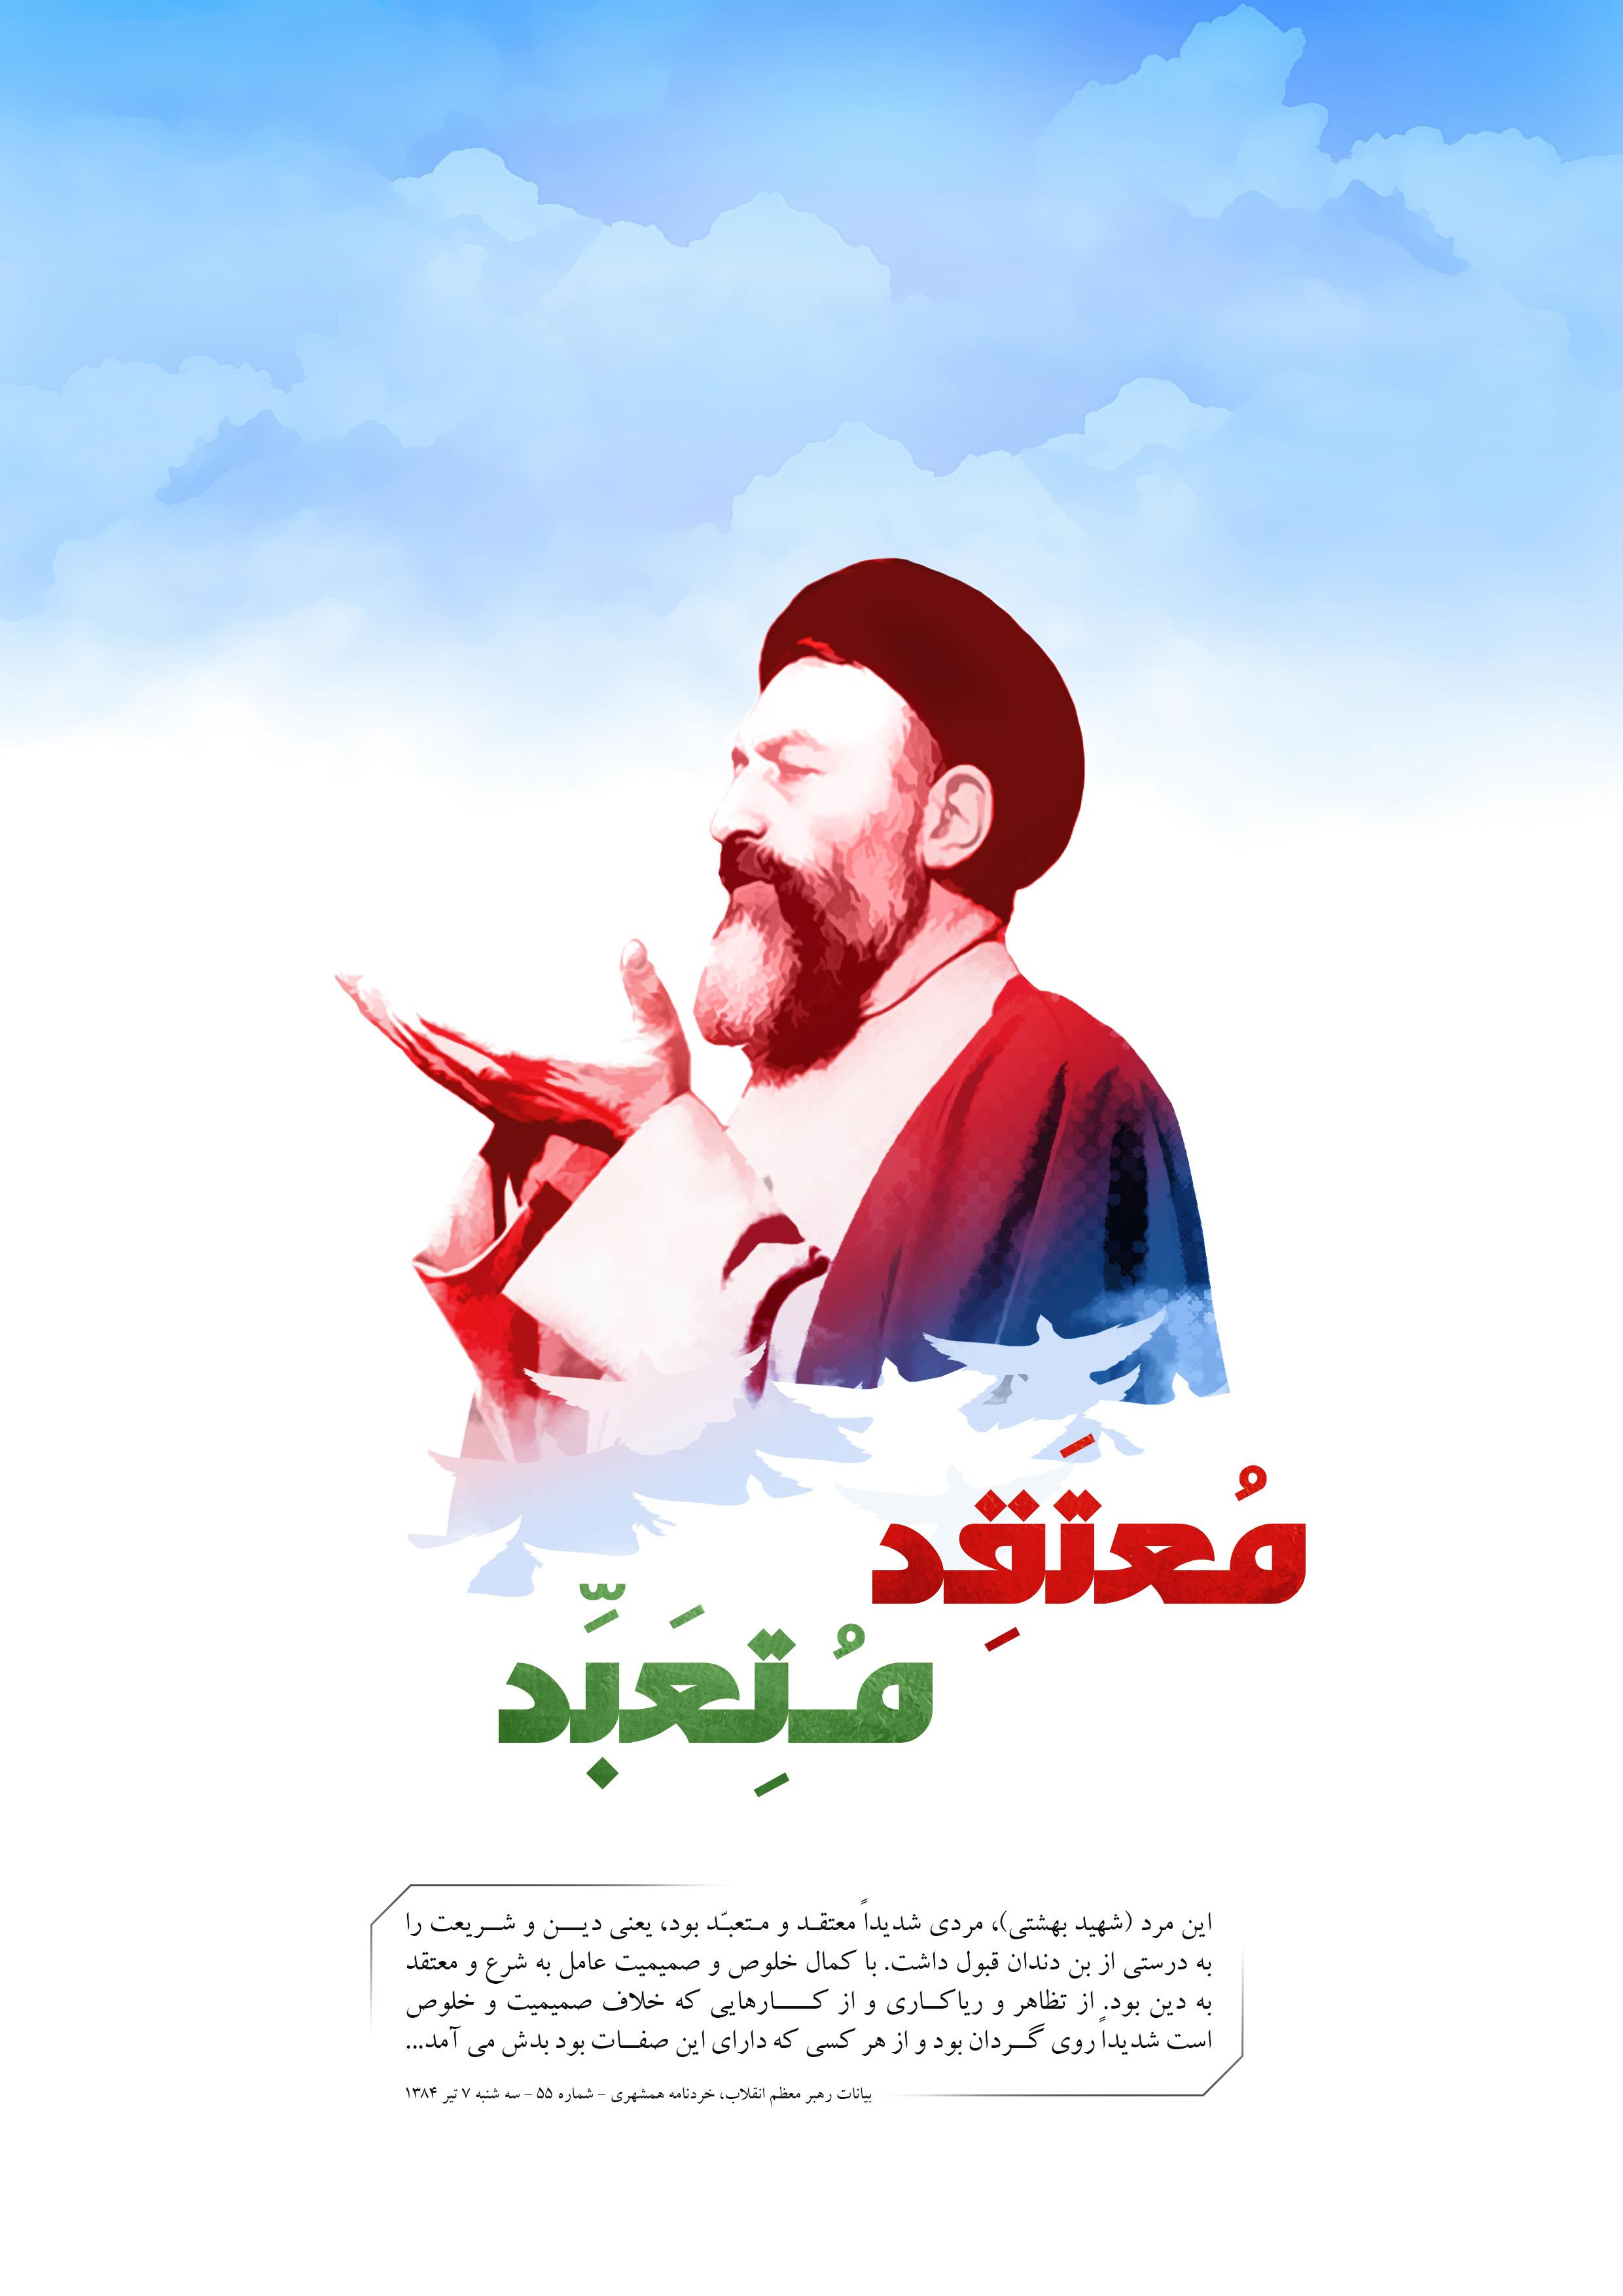 Shahid_Beheshti_h